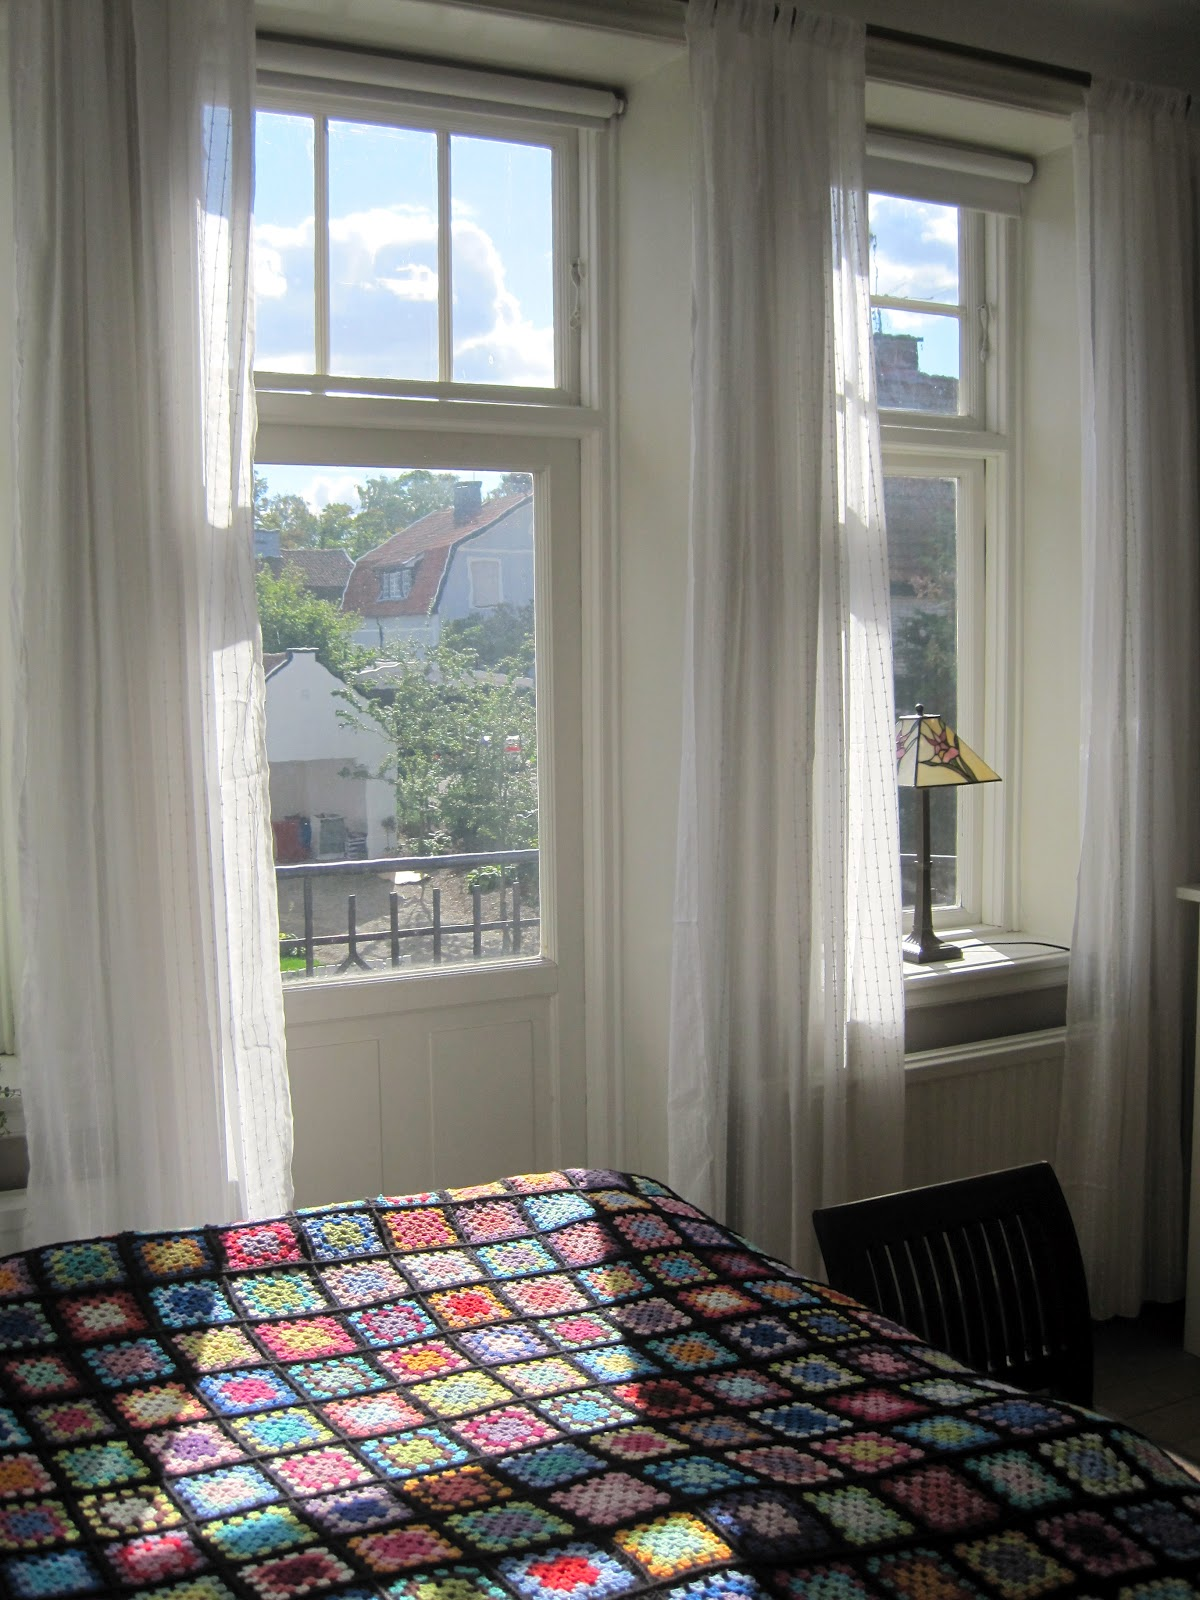 Hanne rimmen: gardiner helt til gulv, skal der til ...